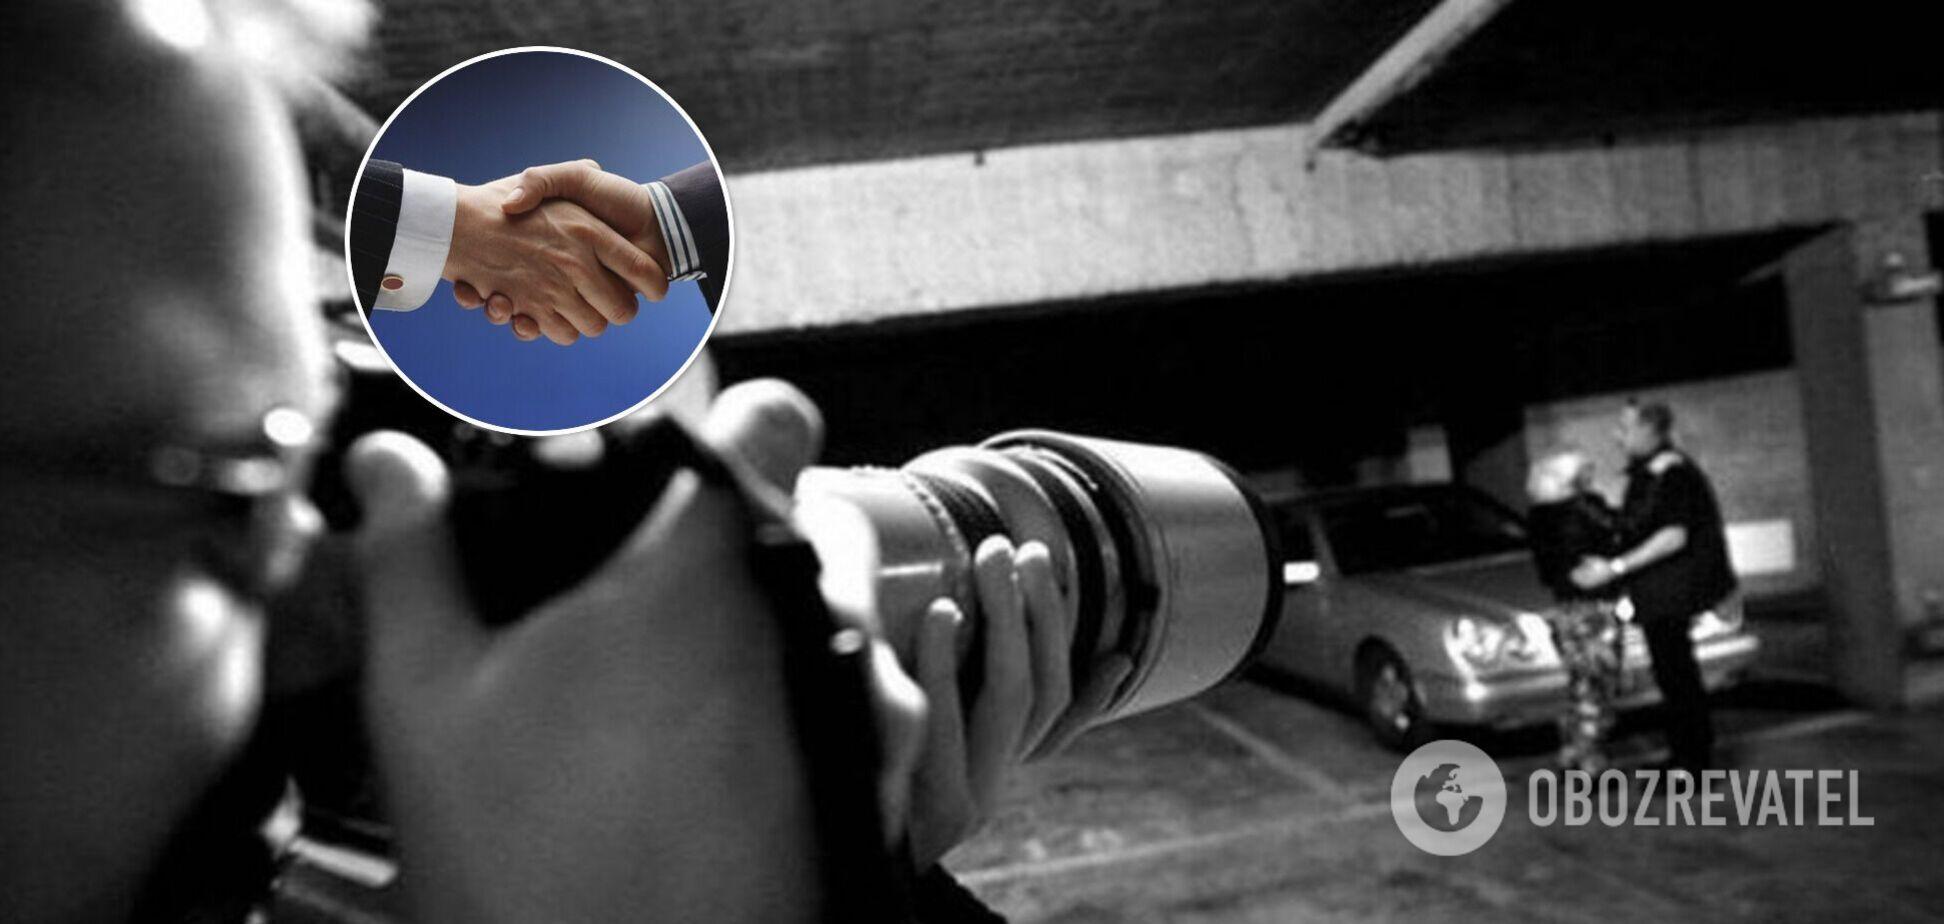 В Раде решили легализировать рынок частных детективов: что разрешат и кто под прицелом